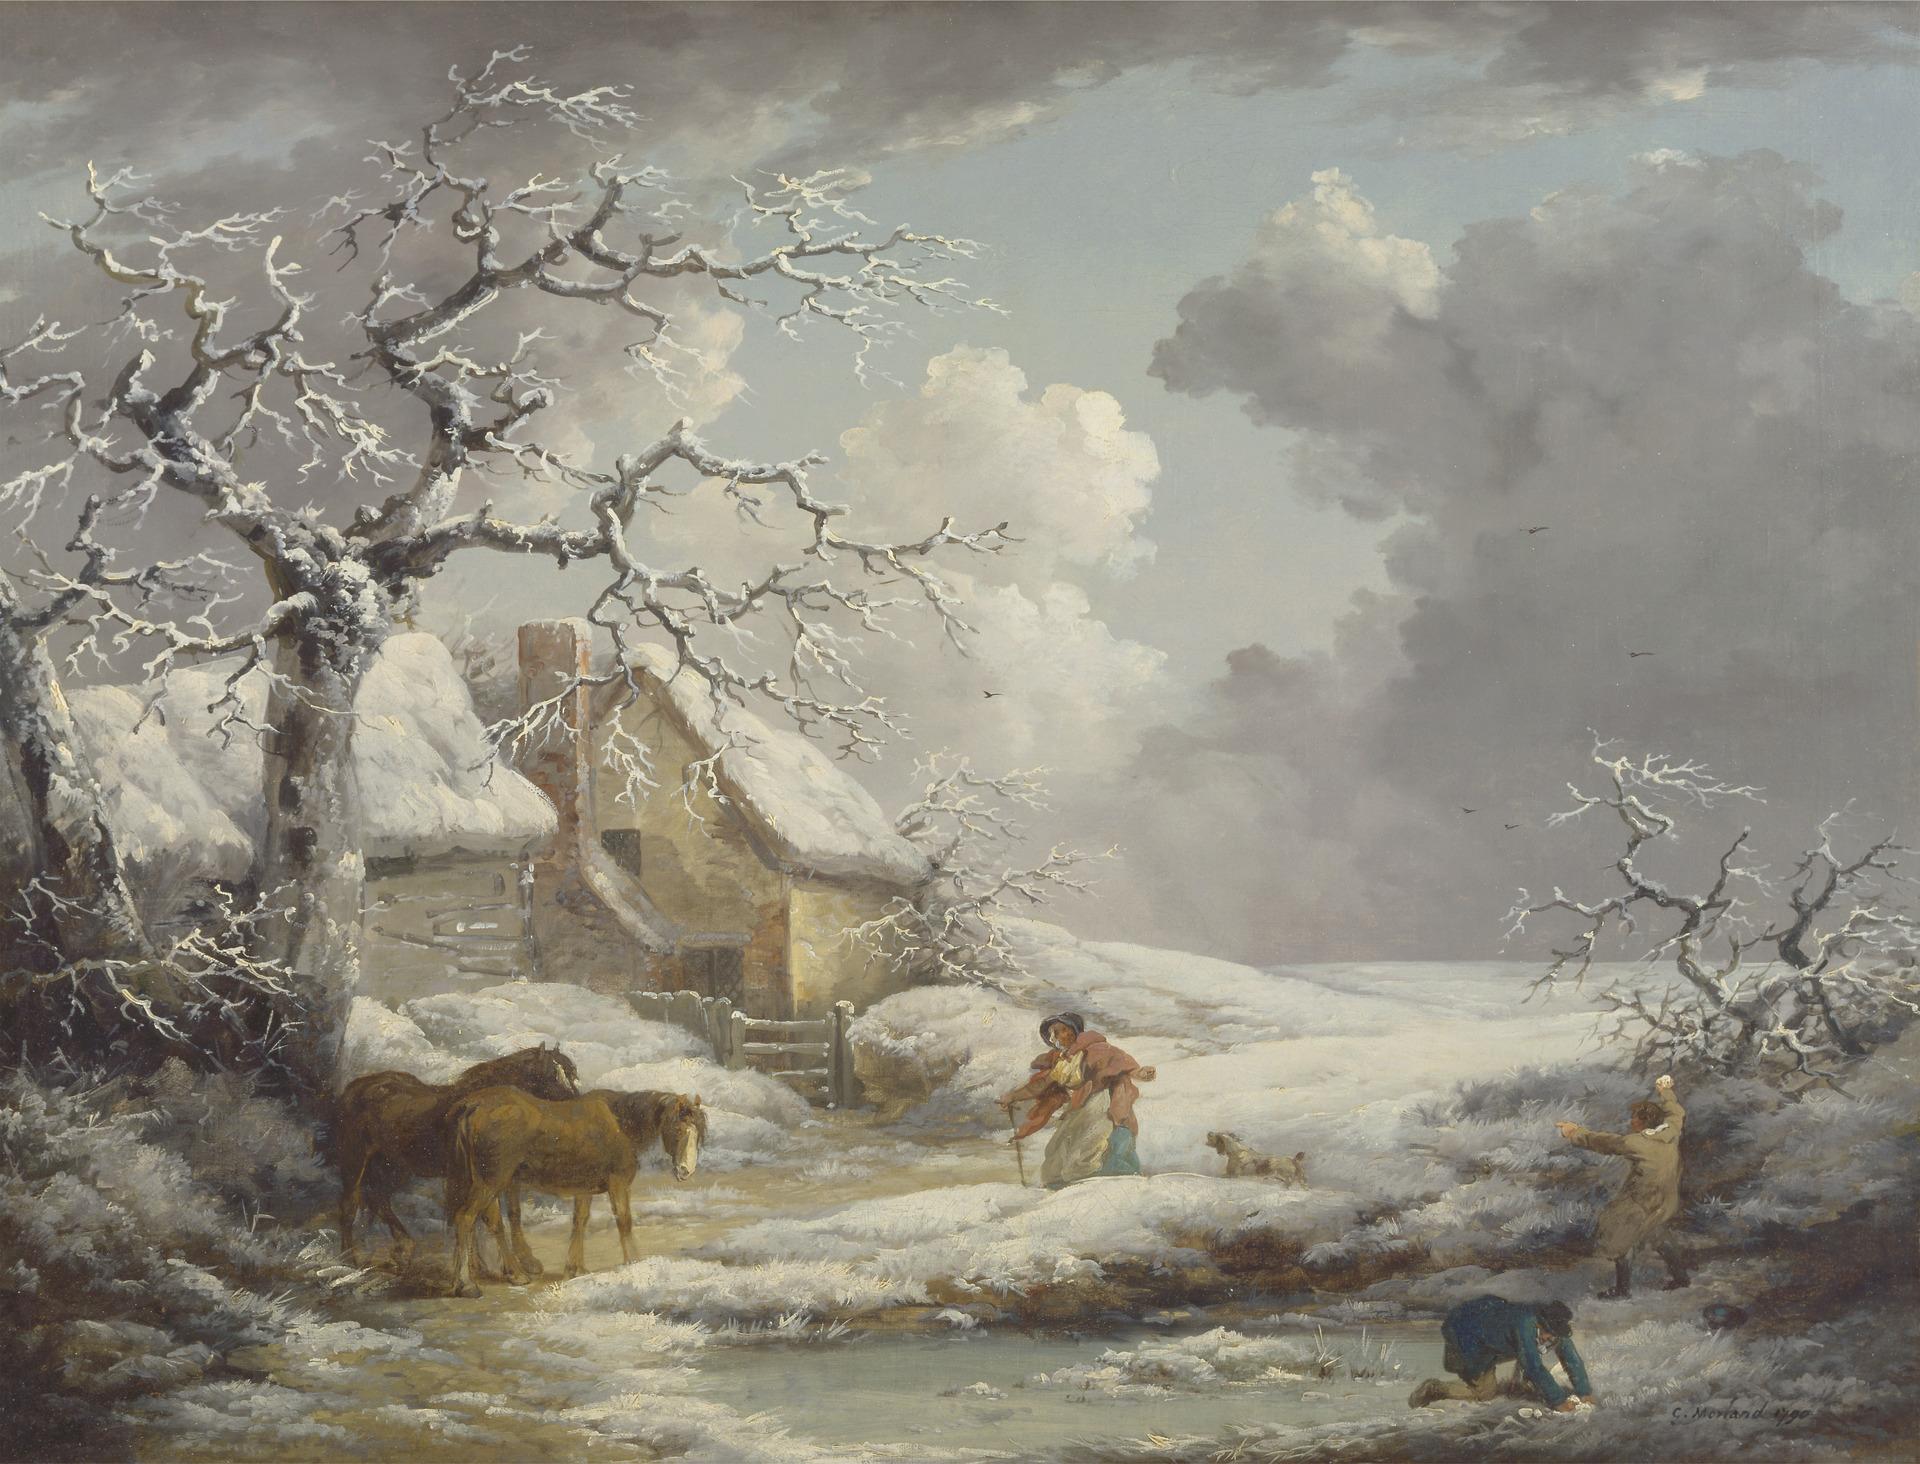 Winter Landscape. George Morland. 1790.